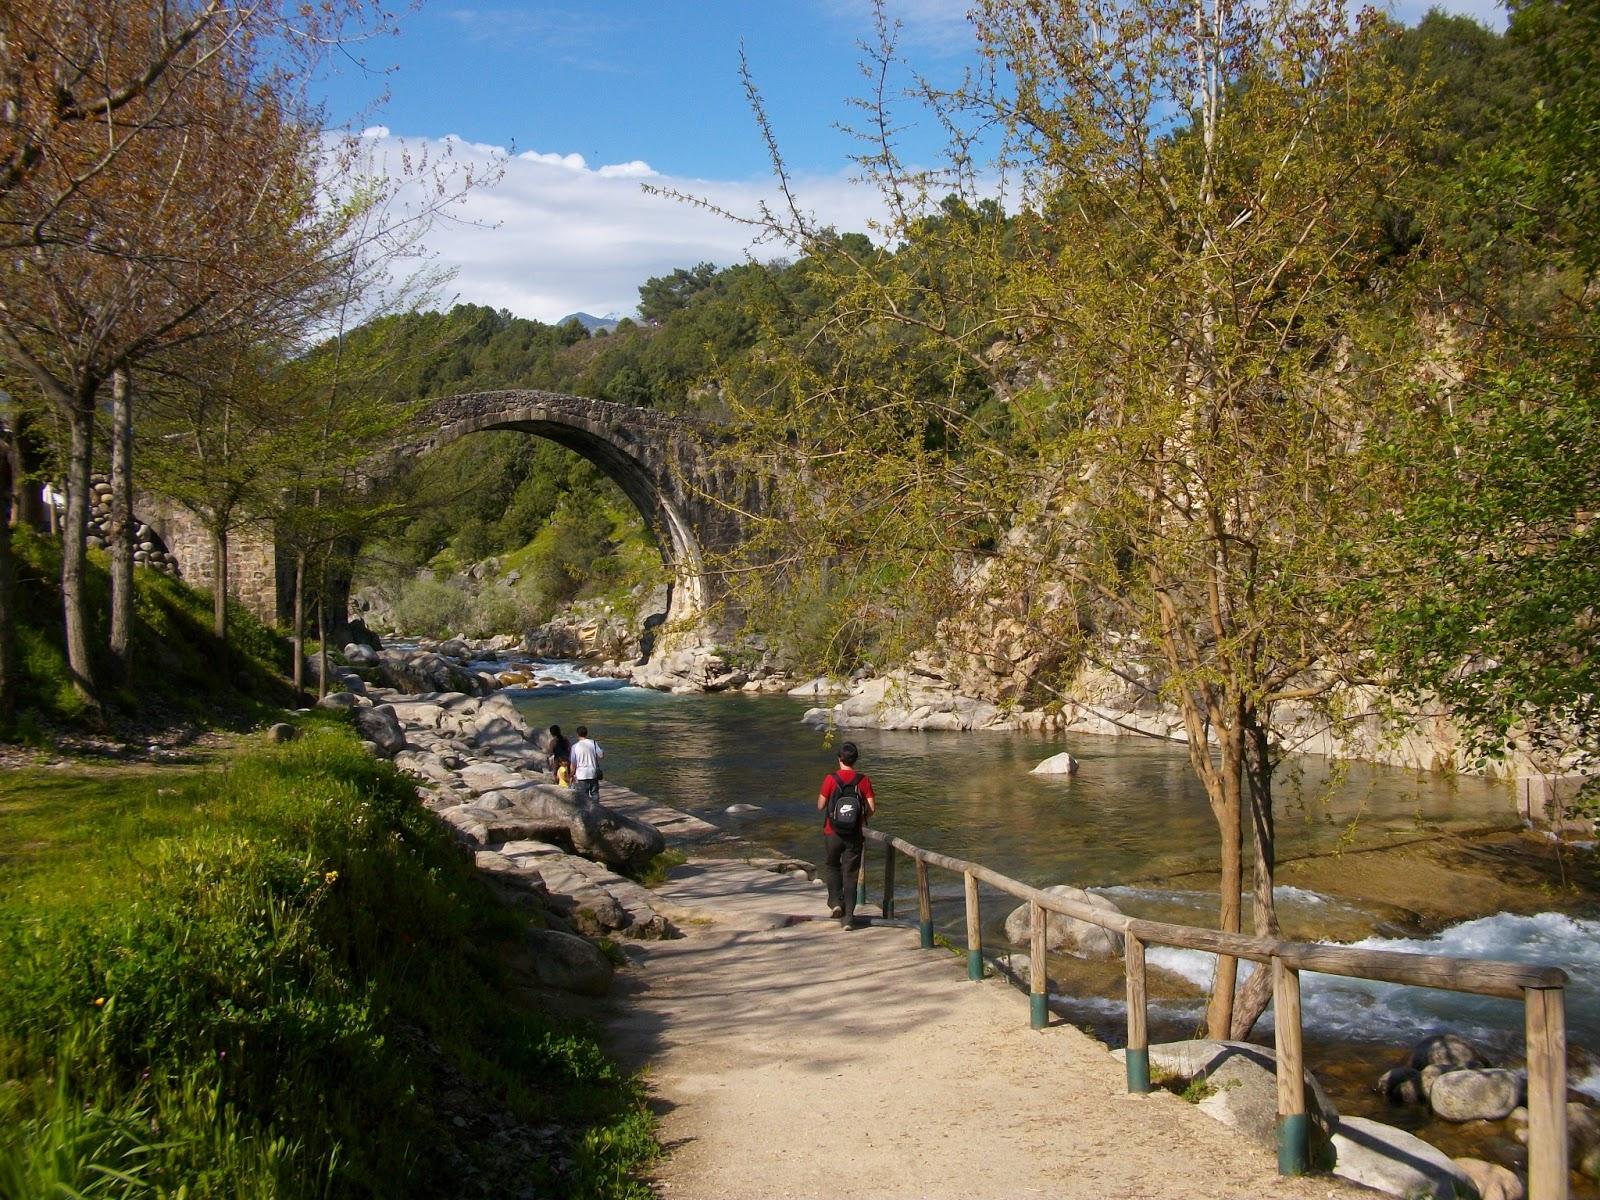 Fin de semana rural en la comarca de la vera - Paginas de casas rurales ...